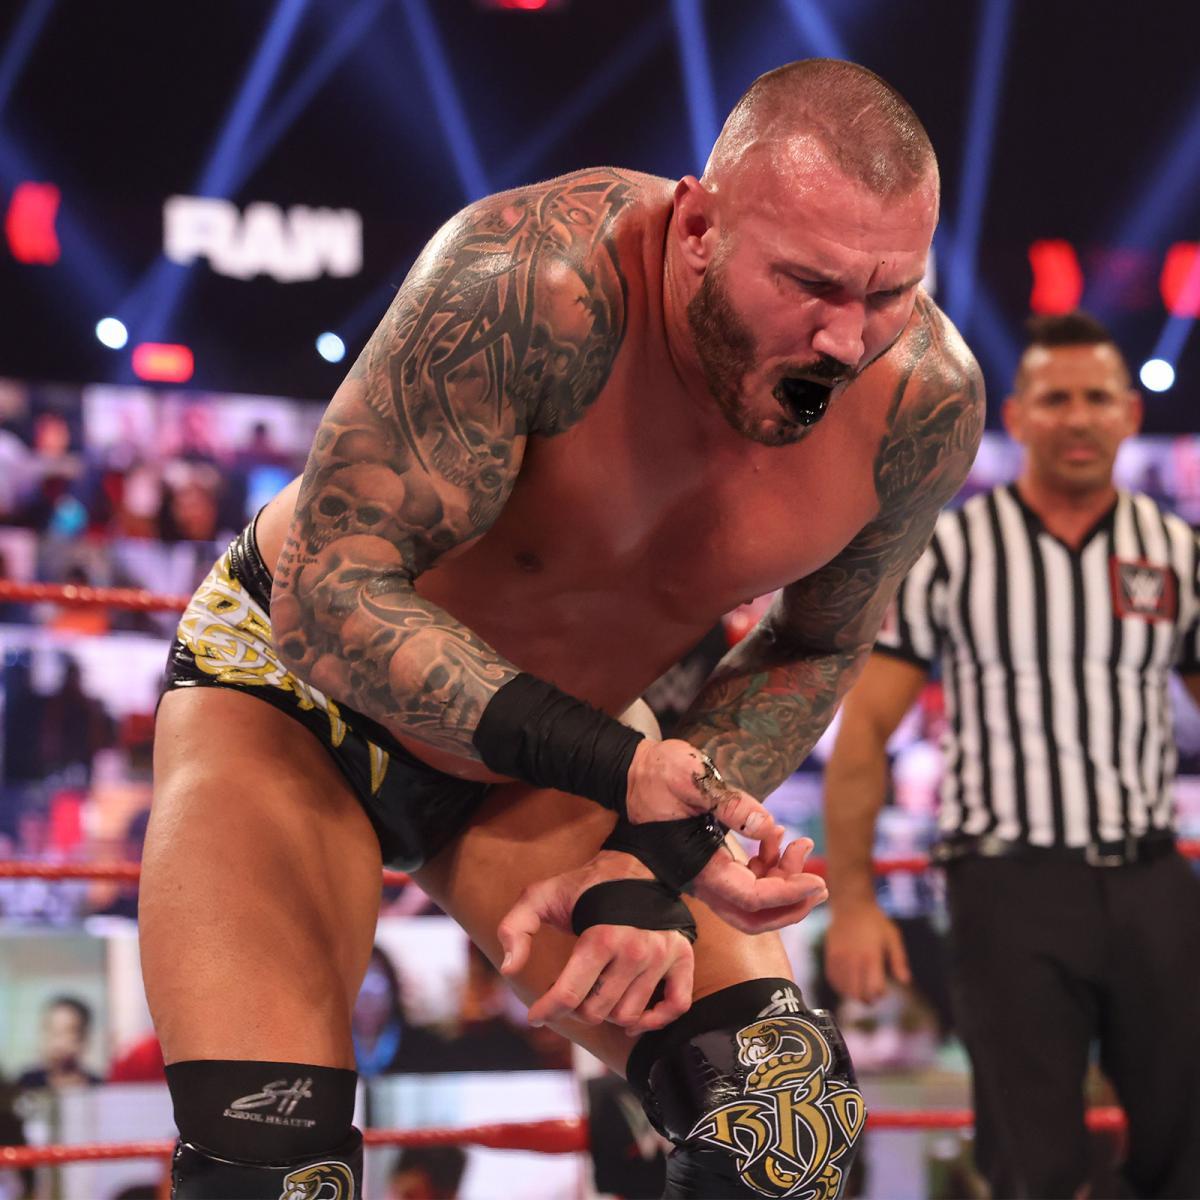 「小悪魔」ブリスの呪術を受け、黒い血を吐くオートン(C)2021 WWE, Inc. All Rights Reserved.